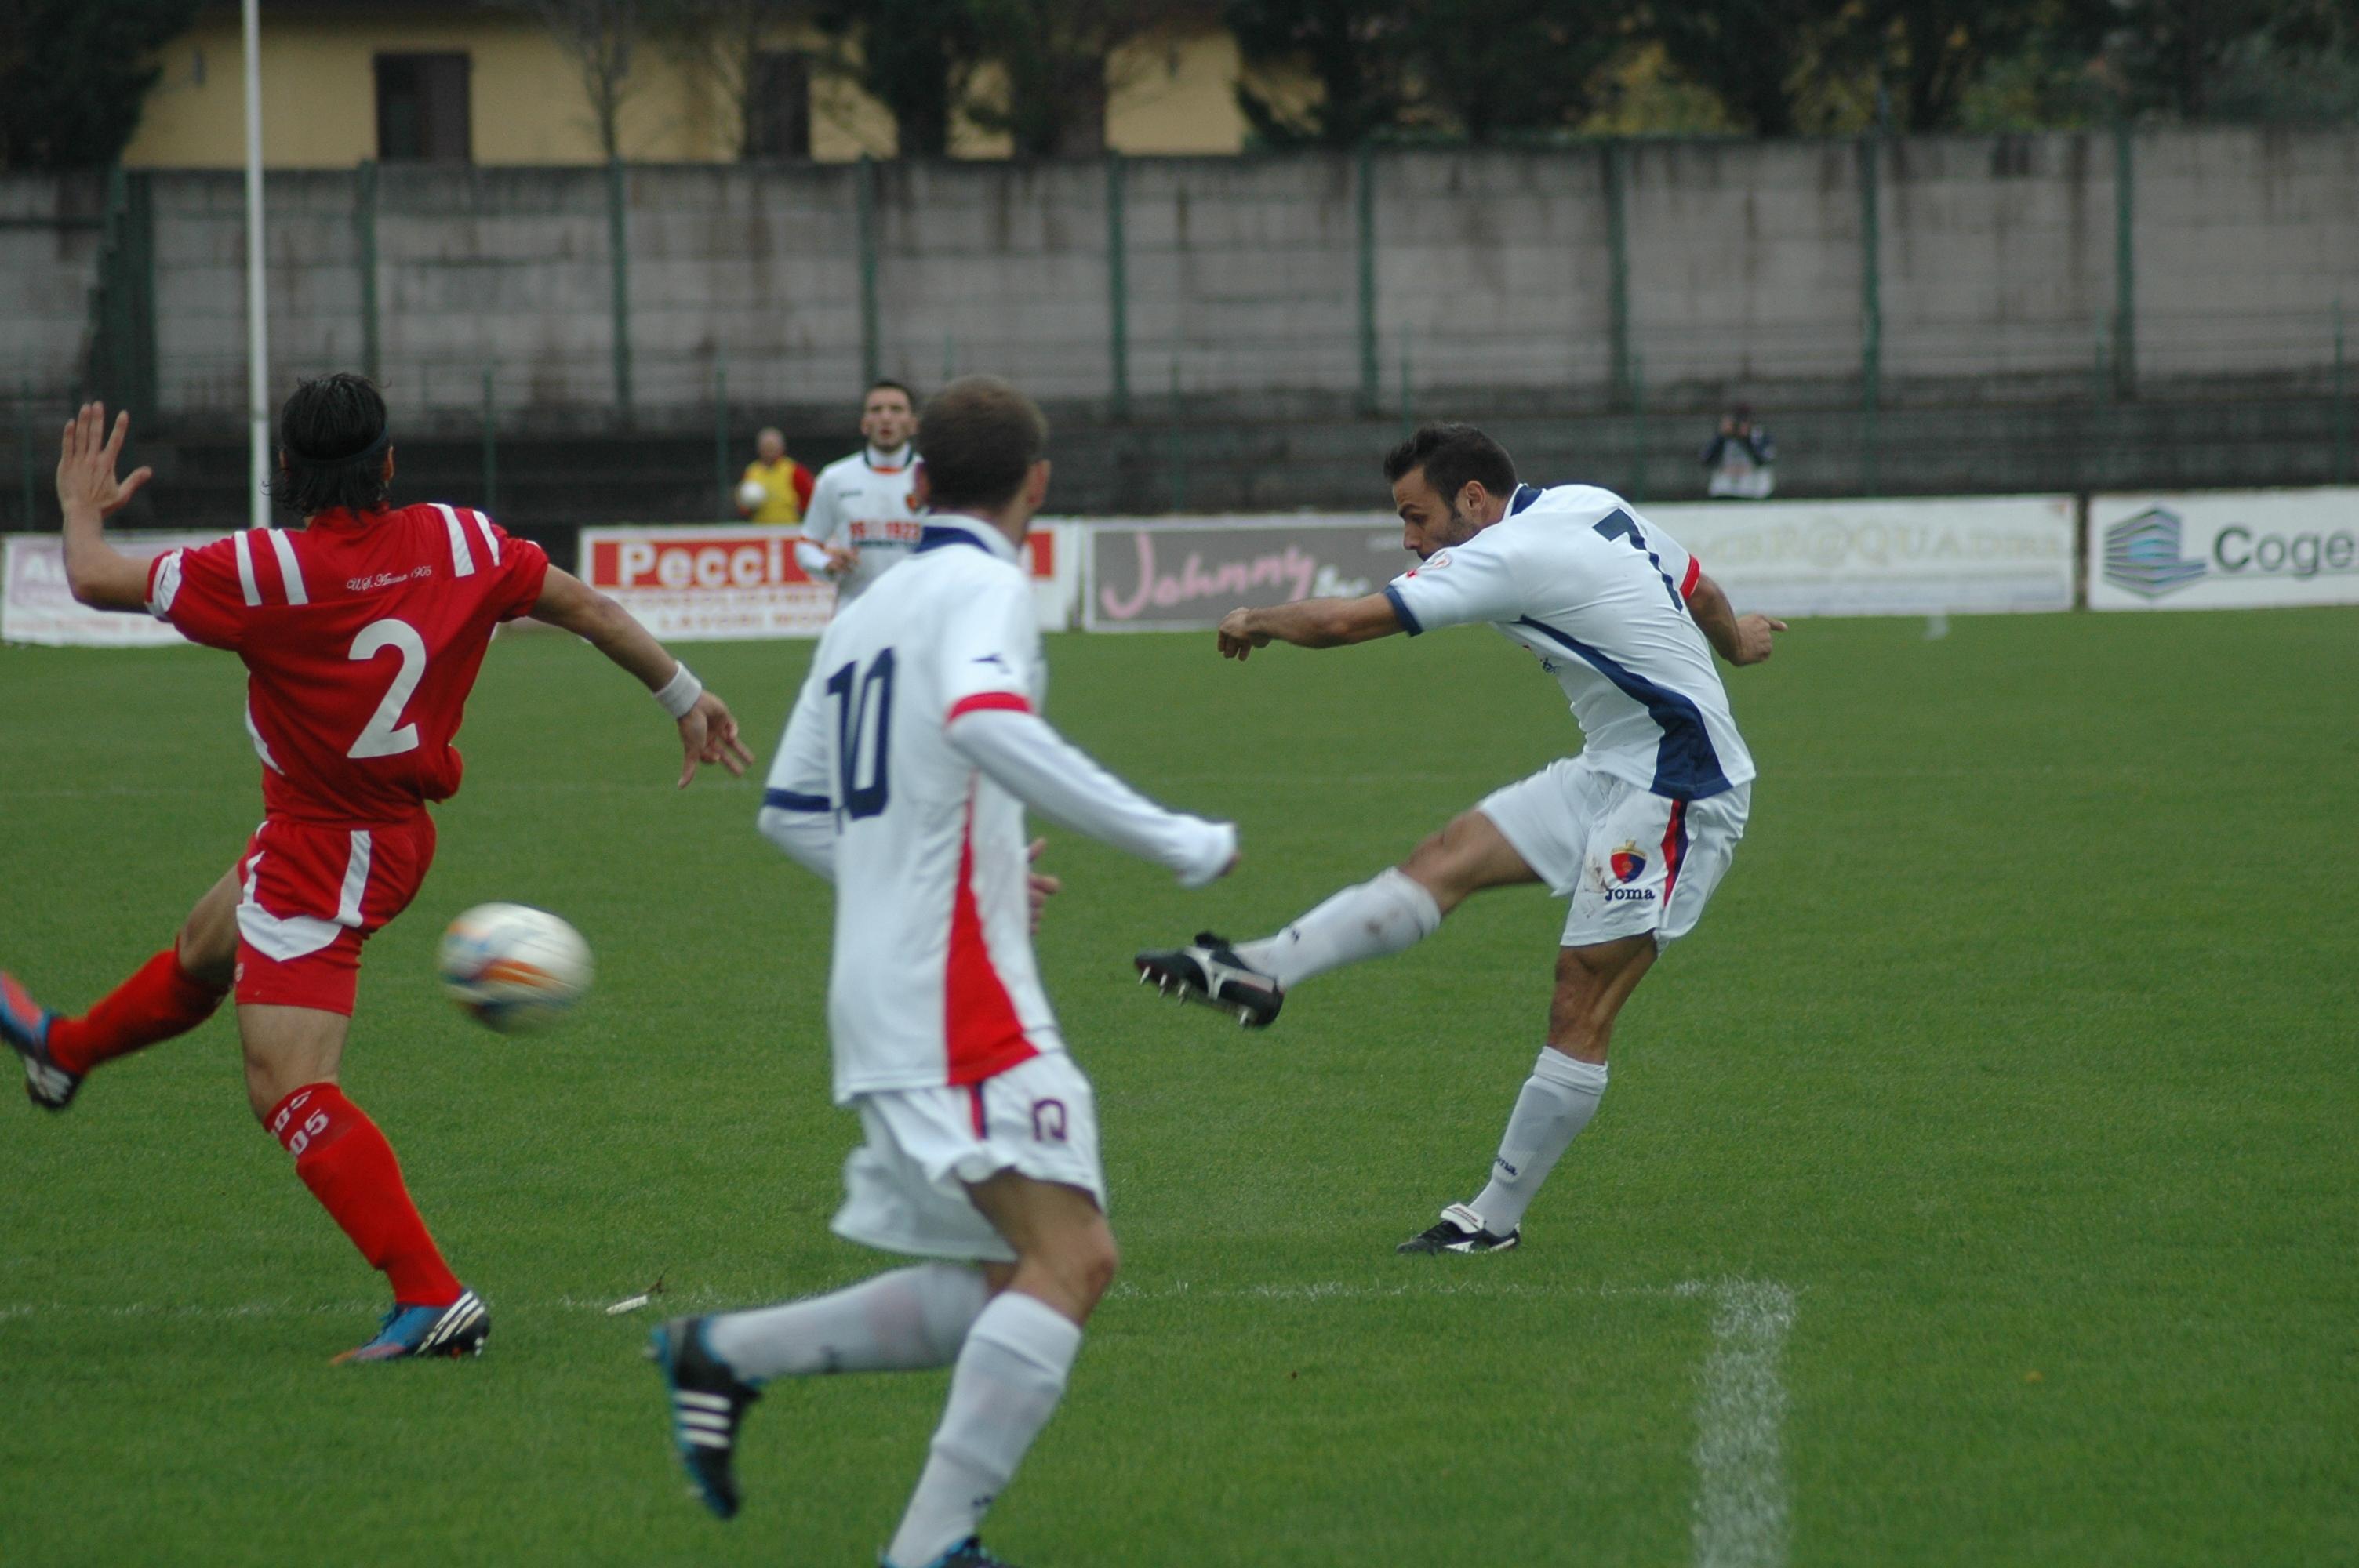 Samb-Ancona, Napolano, il tiro del primo gol (GIAMMUSSO)